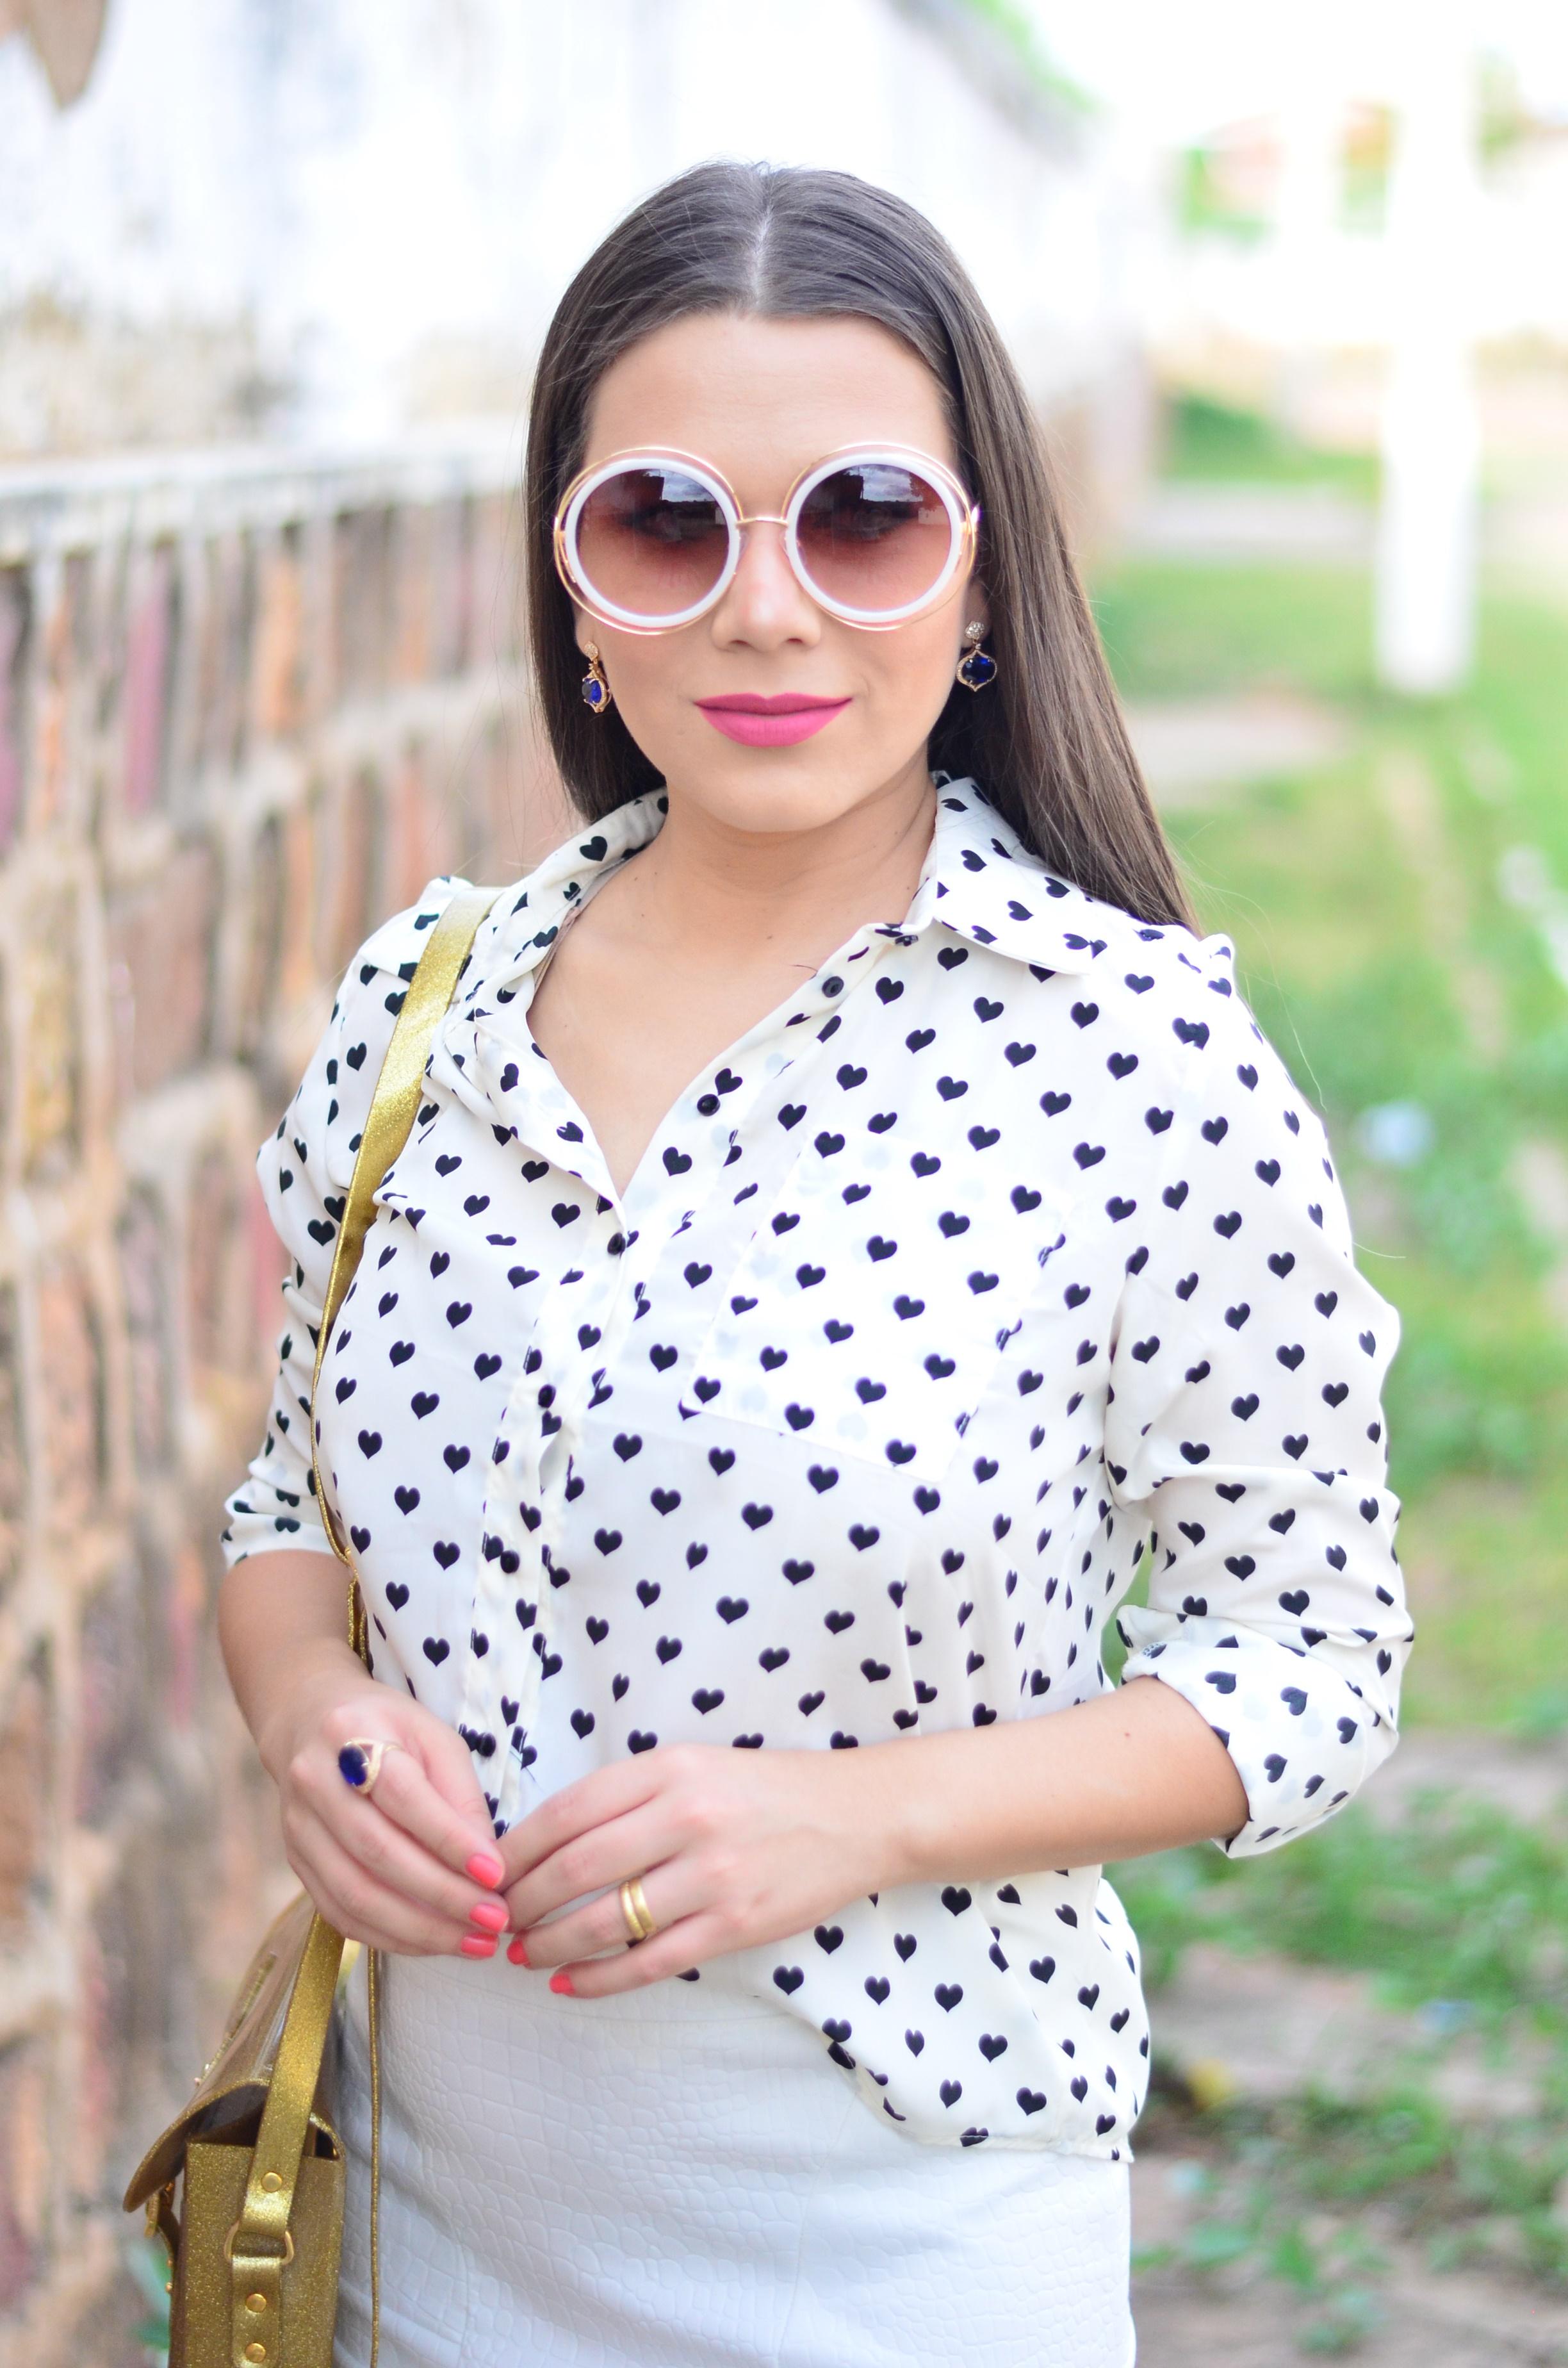 look-saia-e-camisa-branca-com-oculos-inspiracao-chloe-18